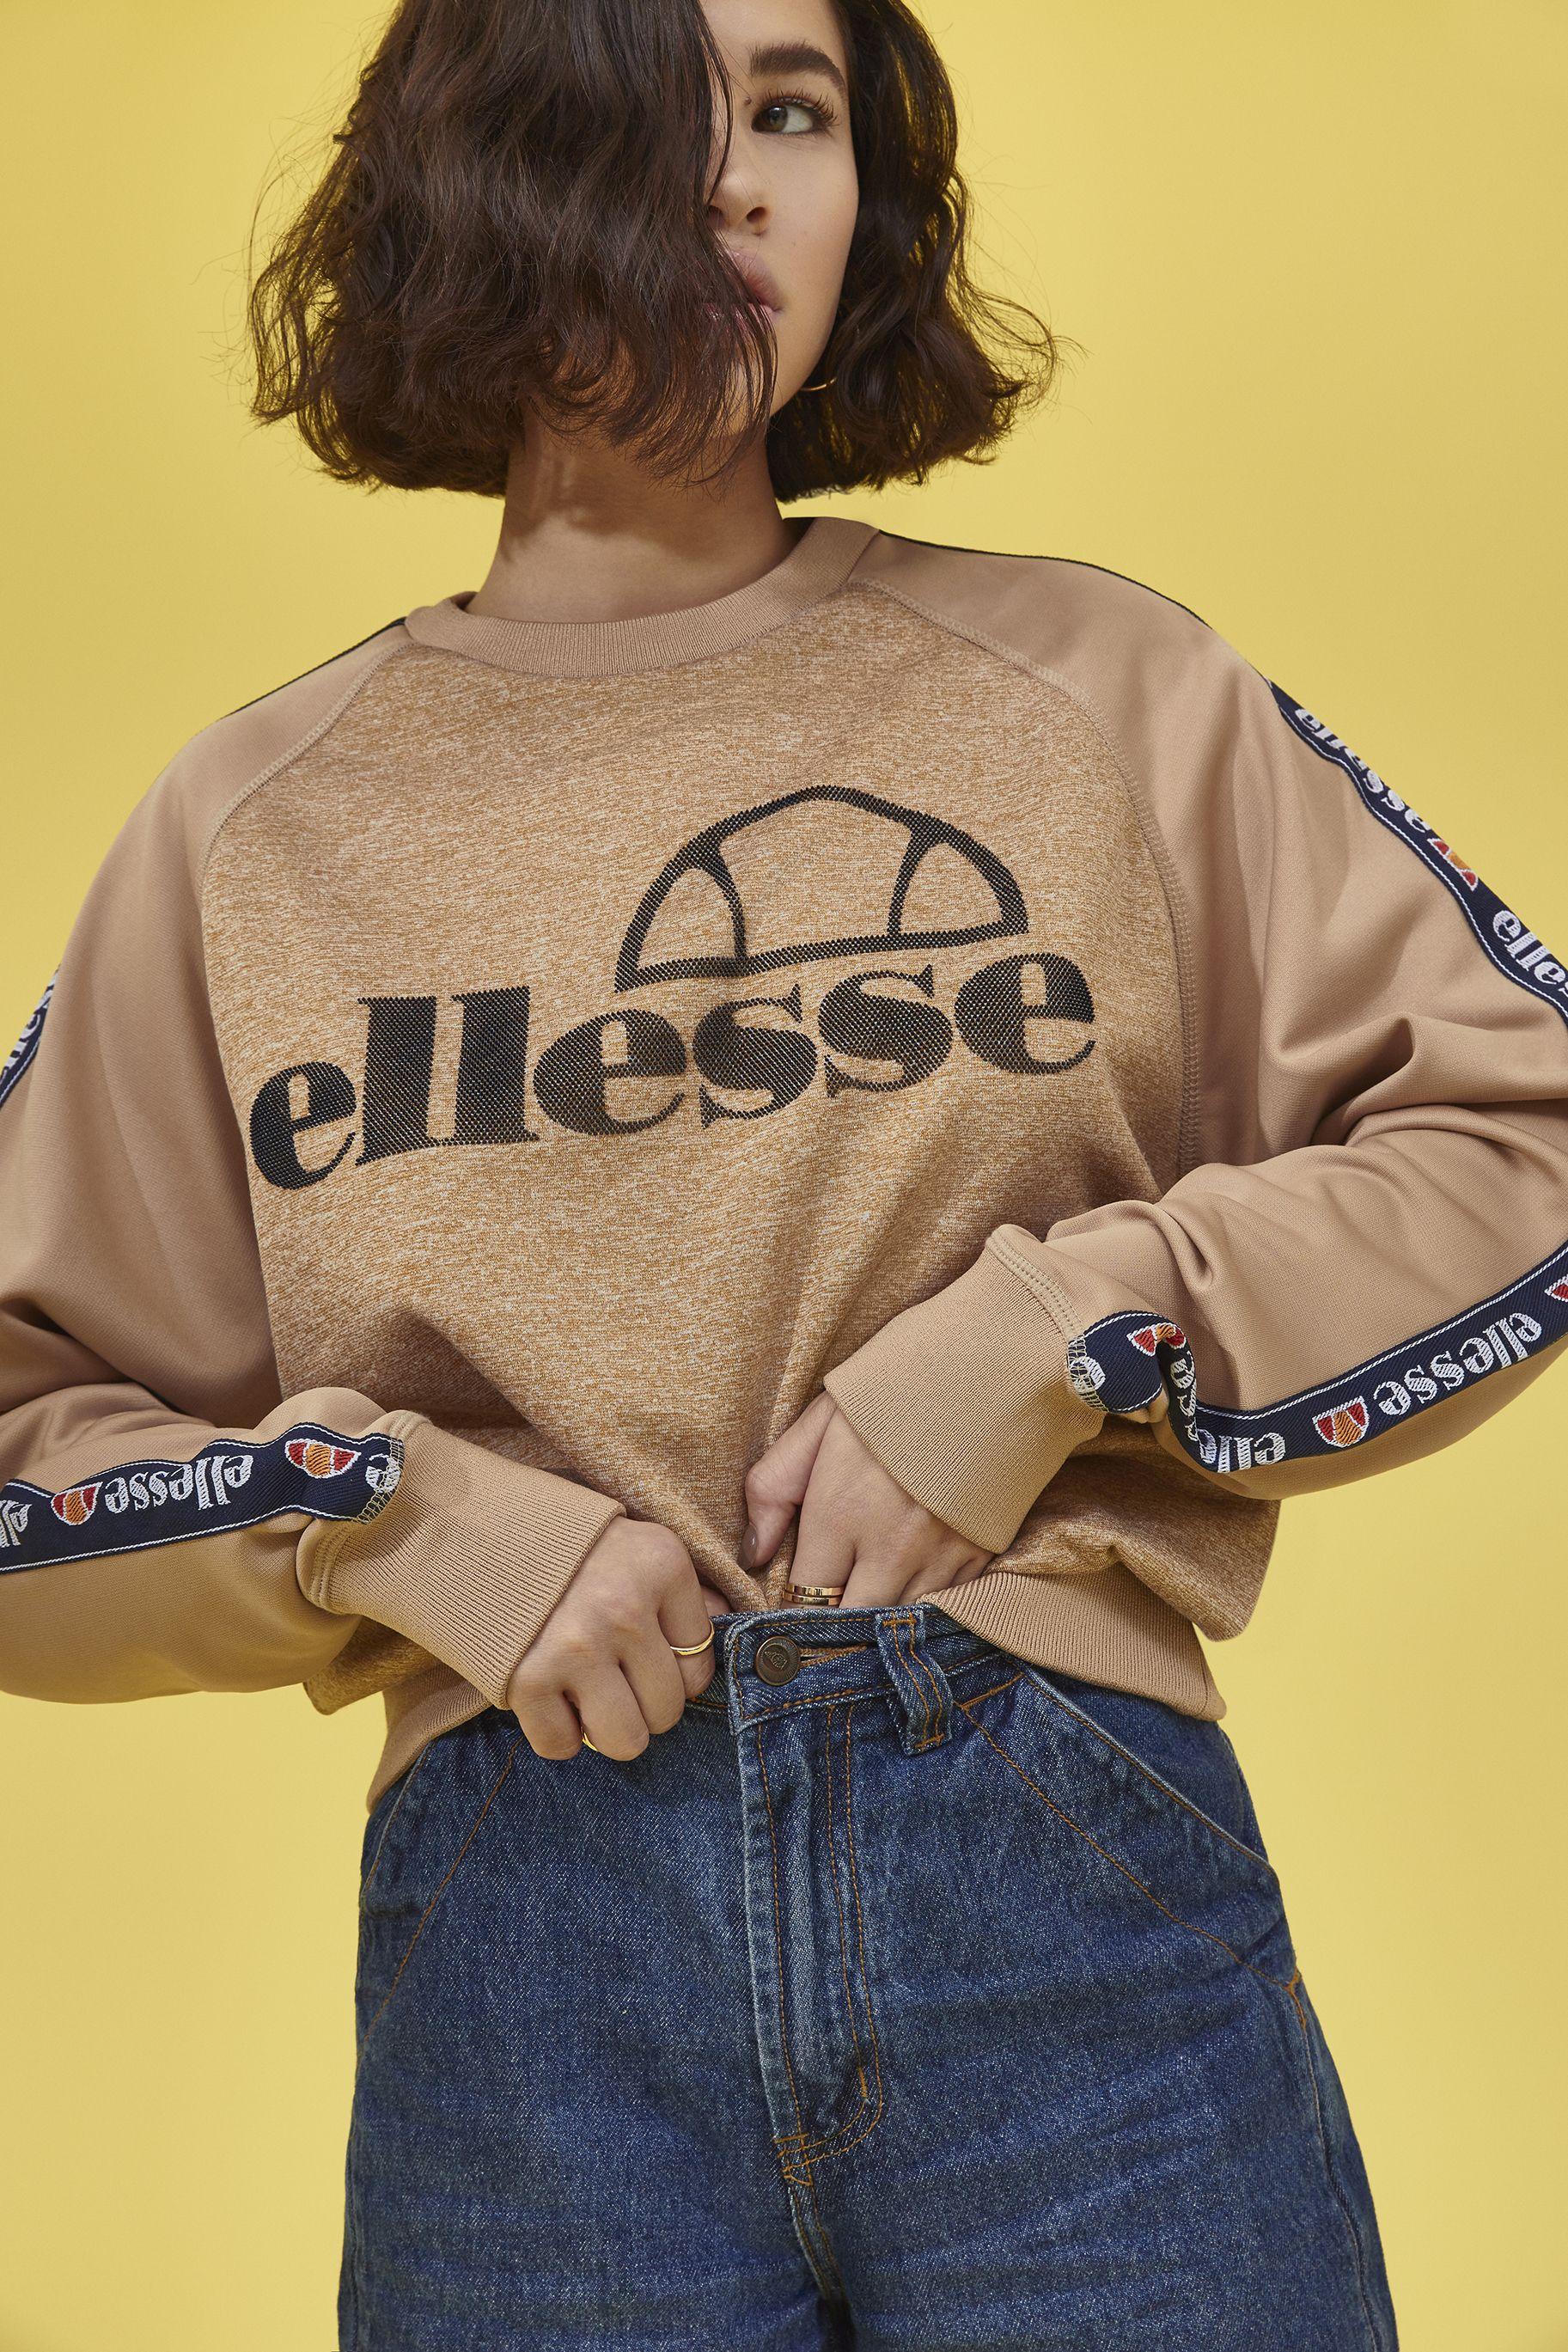 Ellesse ellesse clothing trend fashion style hoodie hood